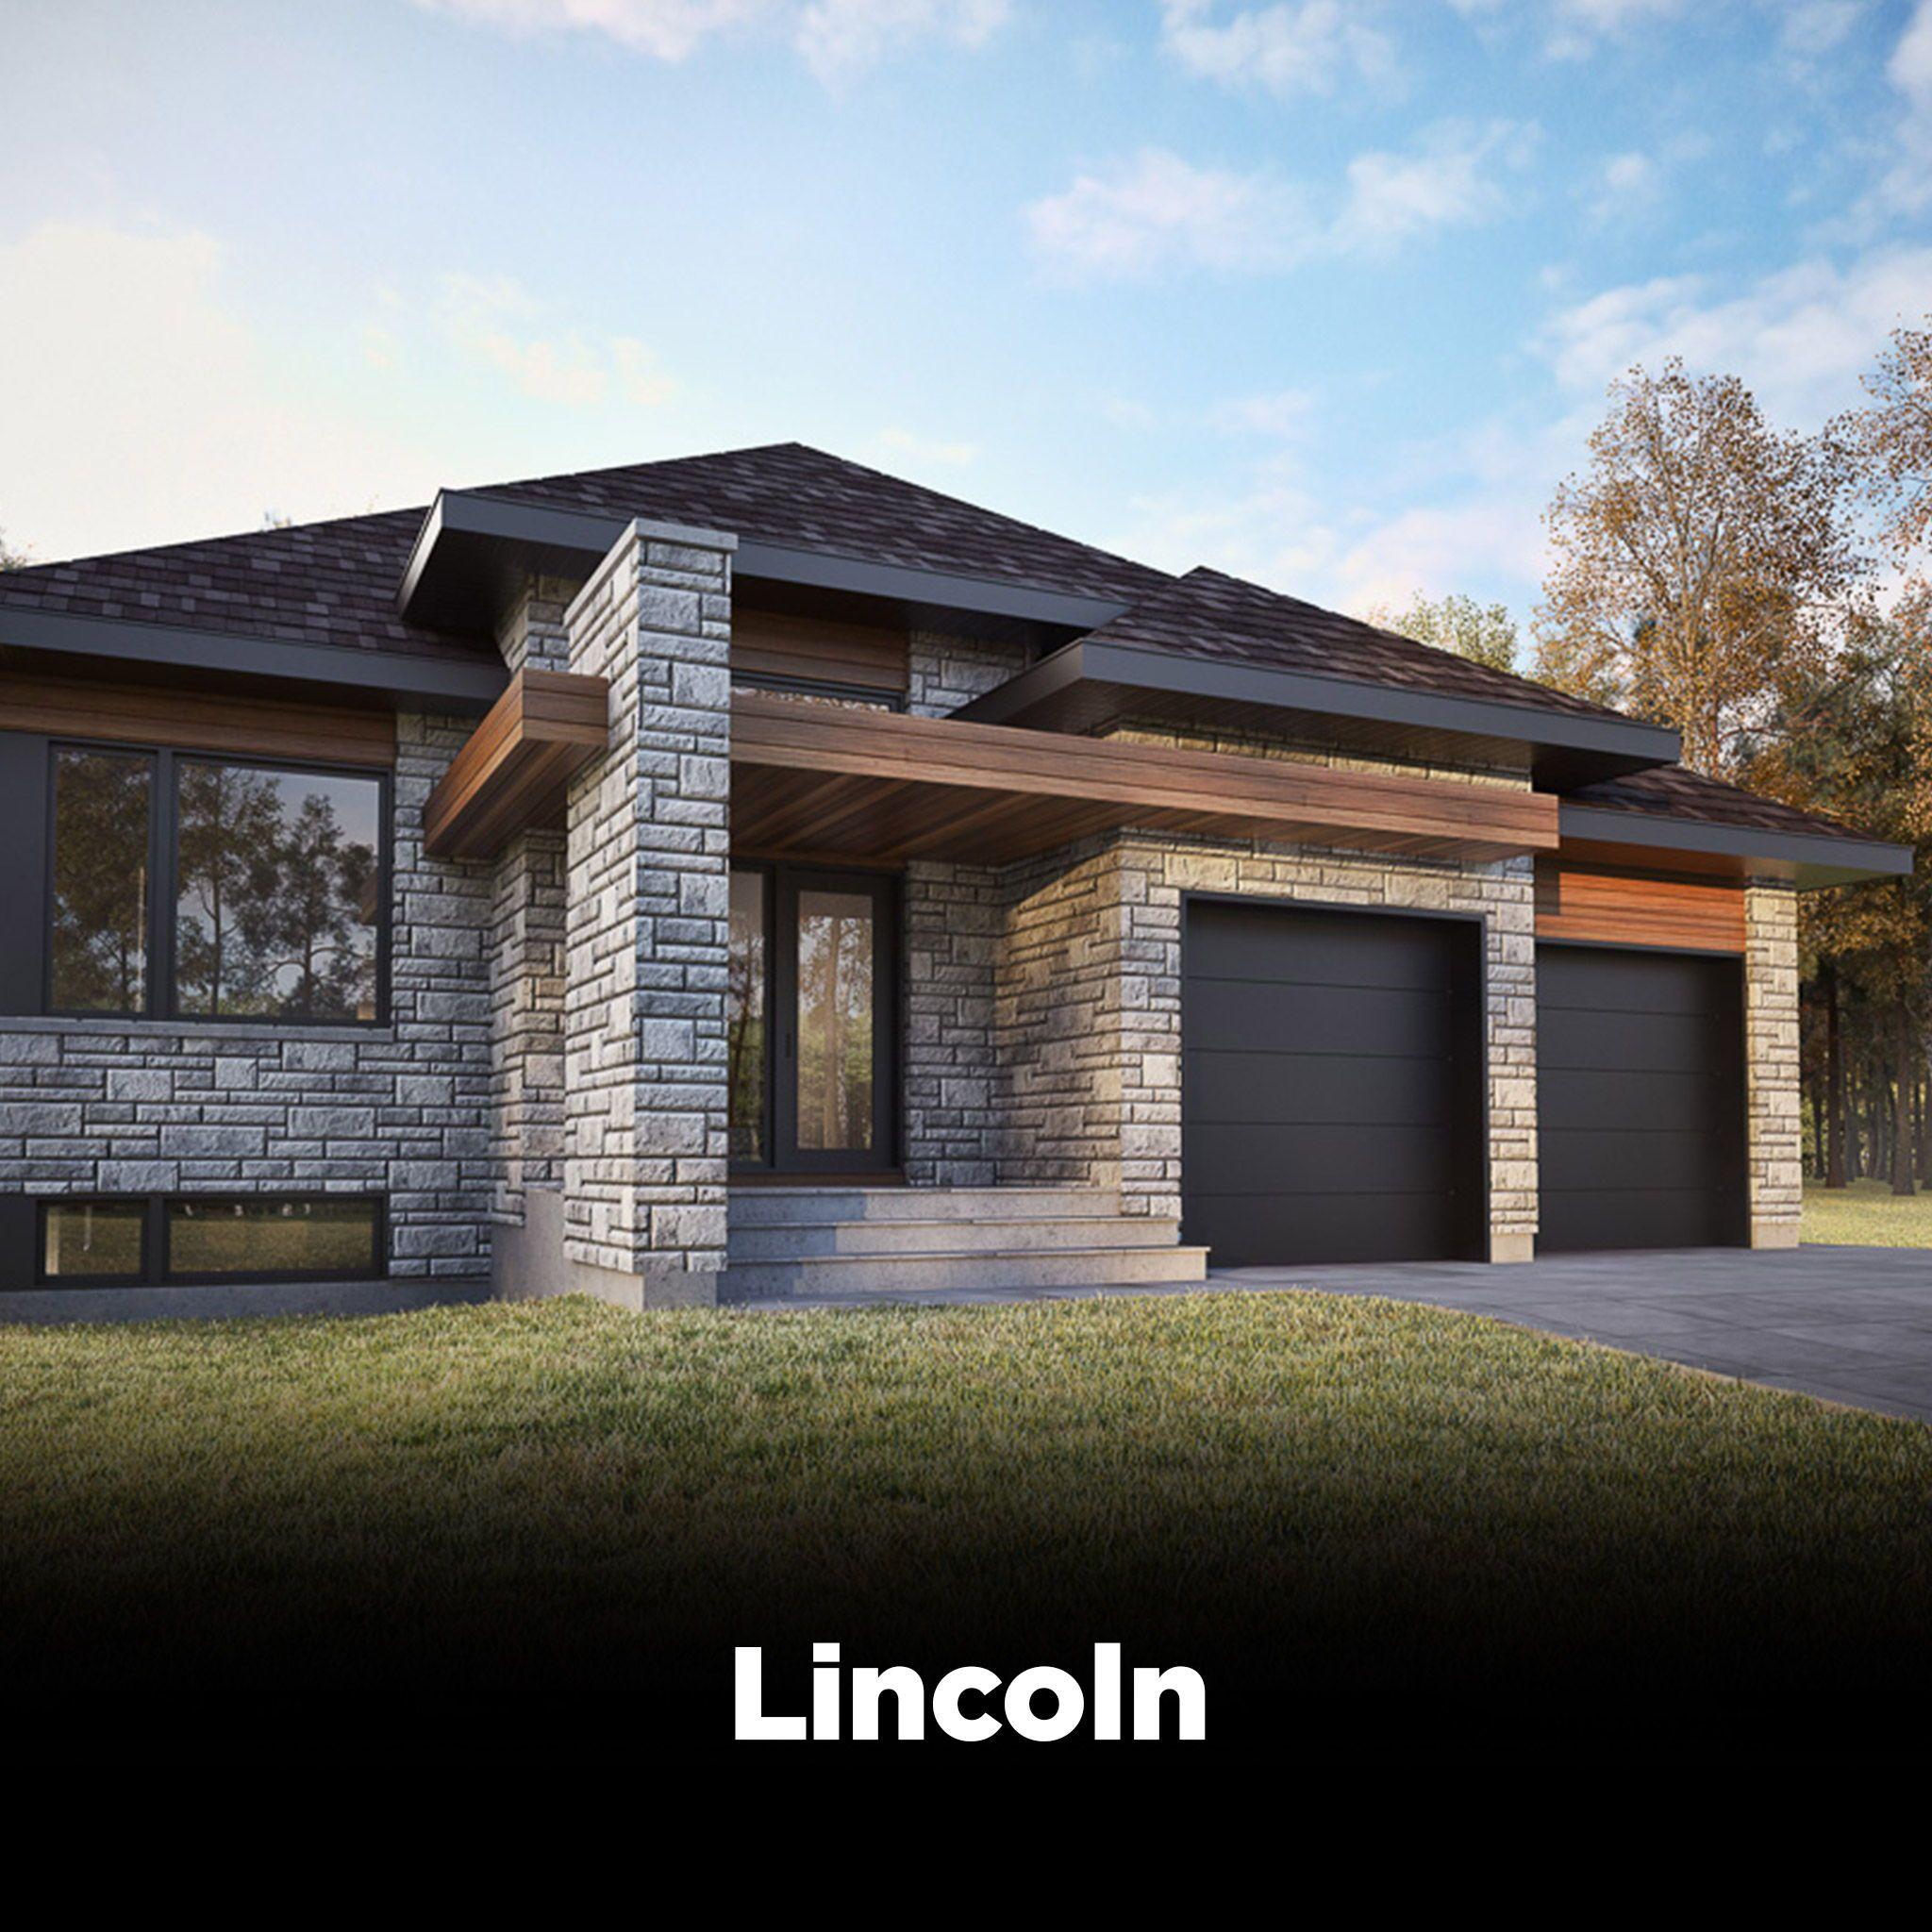 Le modle Lincoln est synonyme de raffinement et de luxe pour une proprit  la hauteur de vos